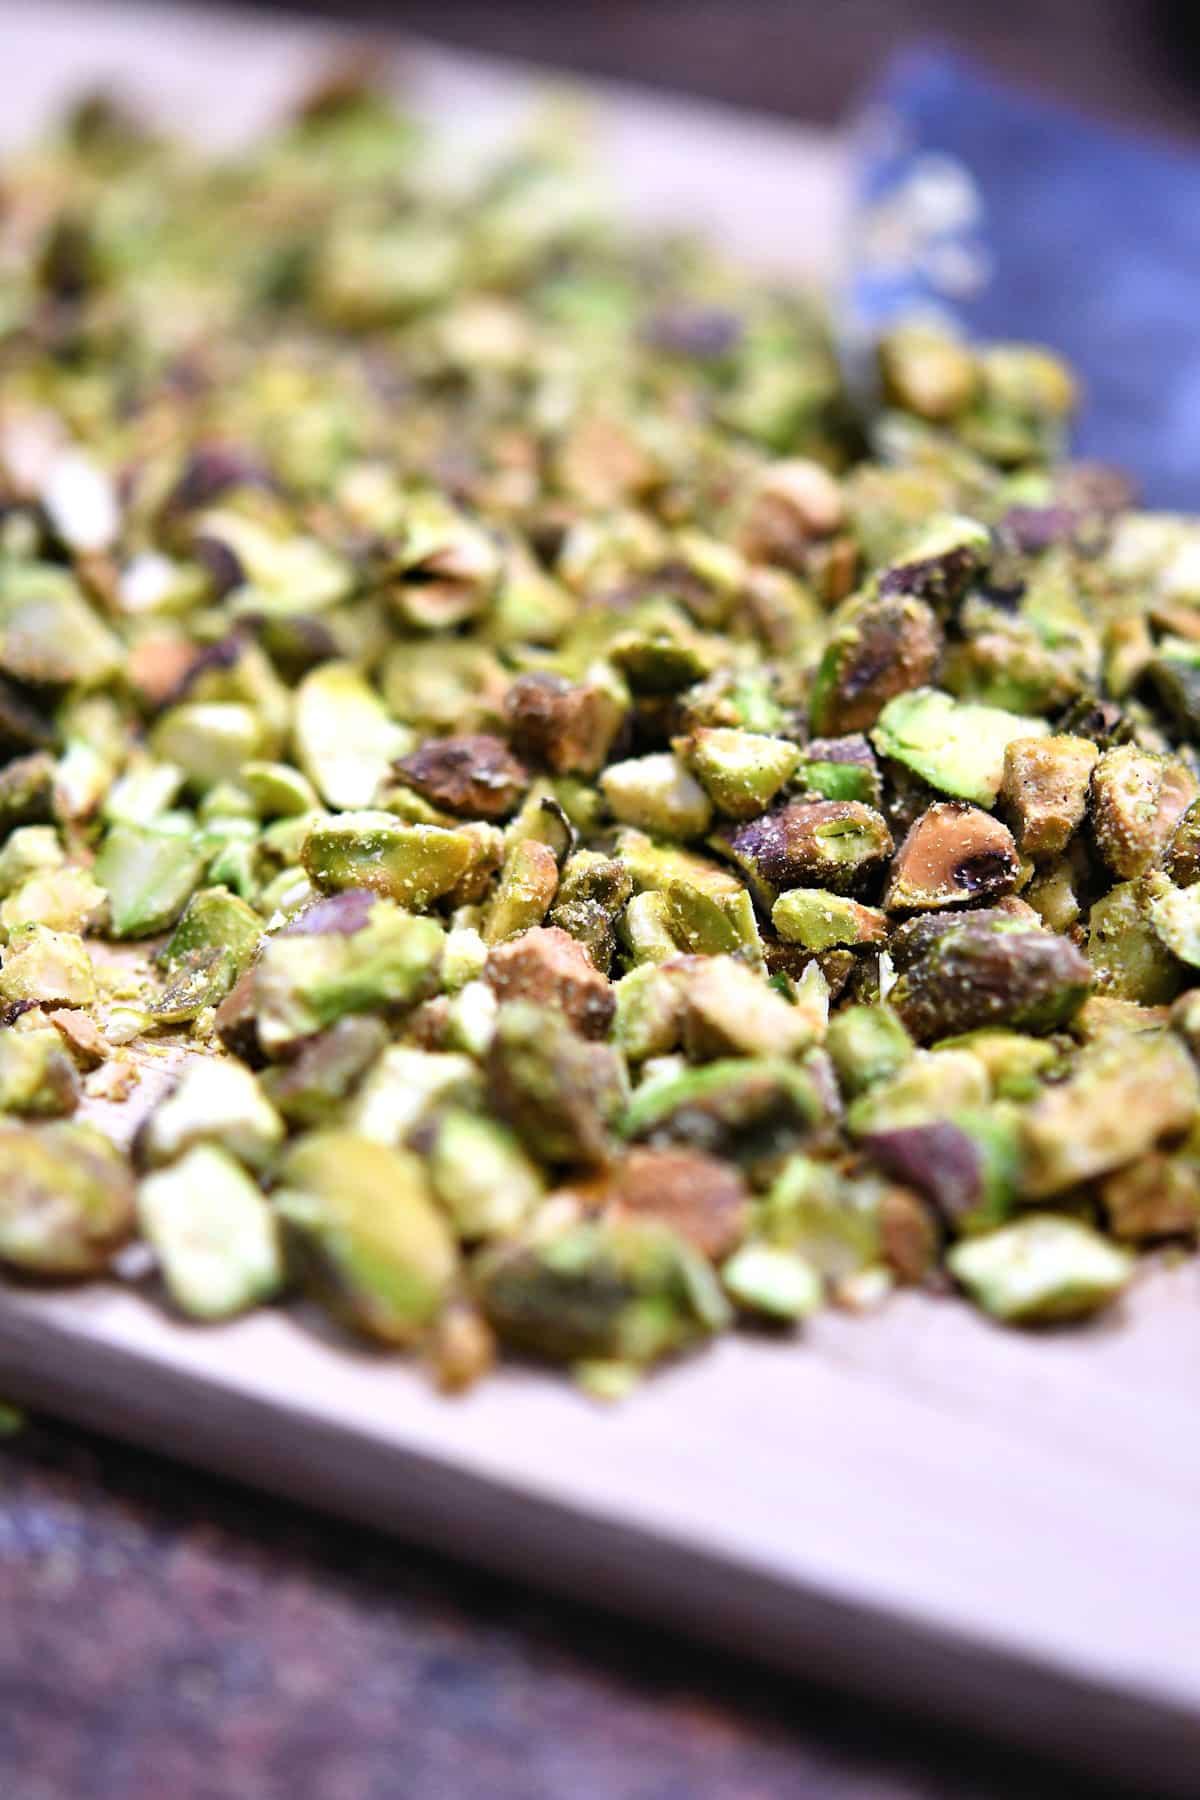 pistachios on a cutting board, freshly chopped